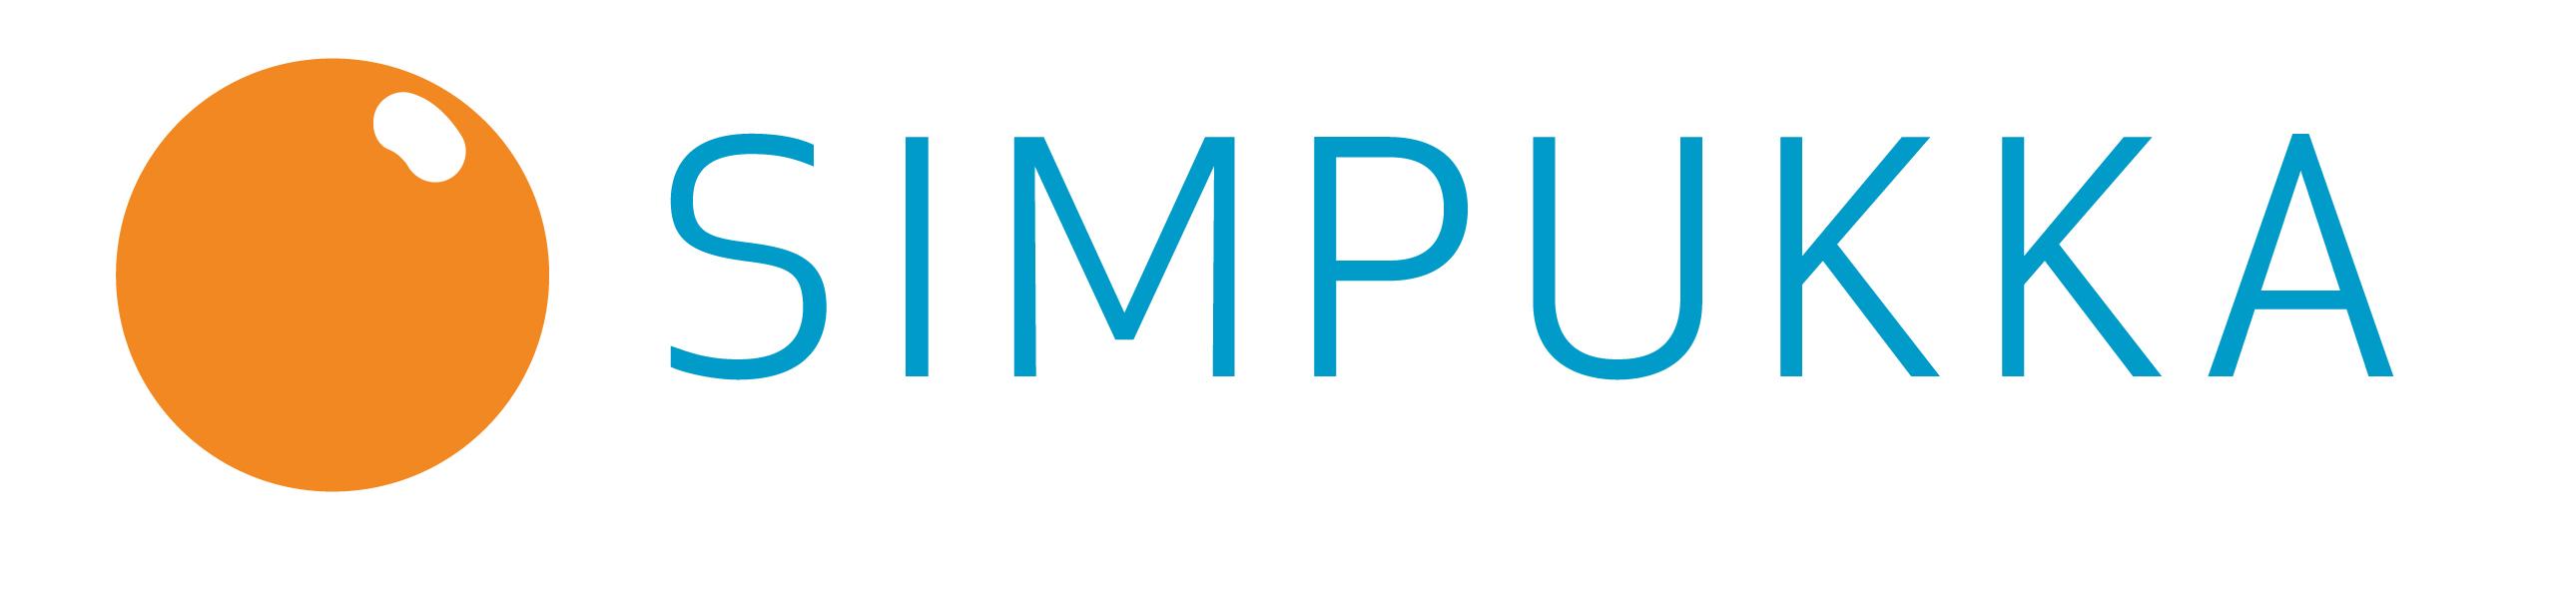 Simpukka logo